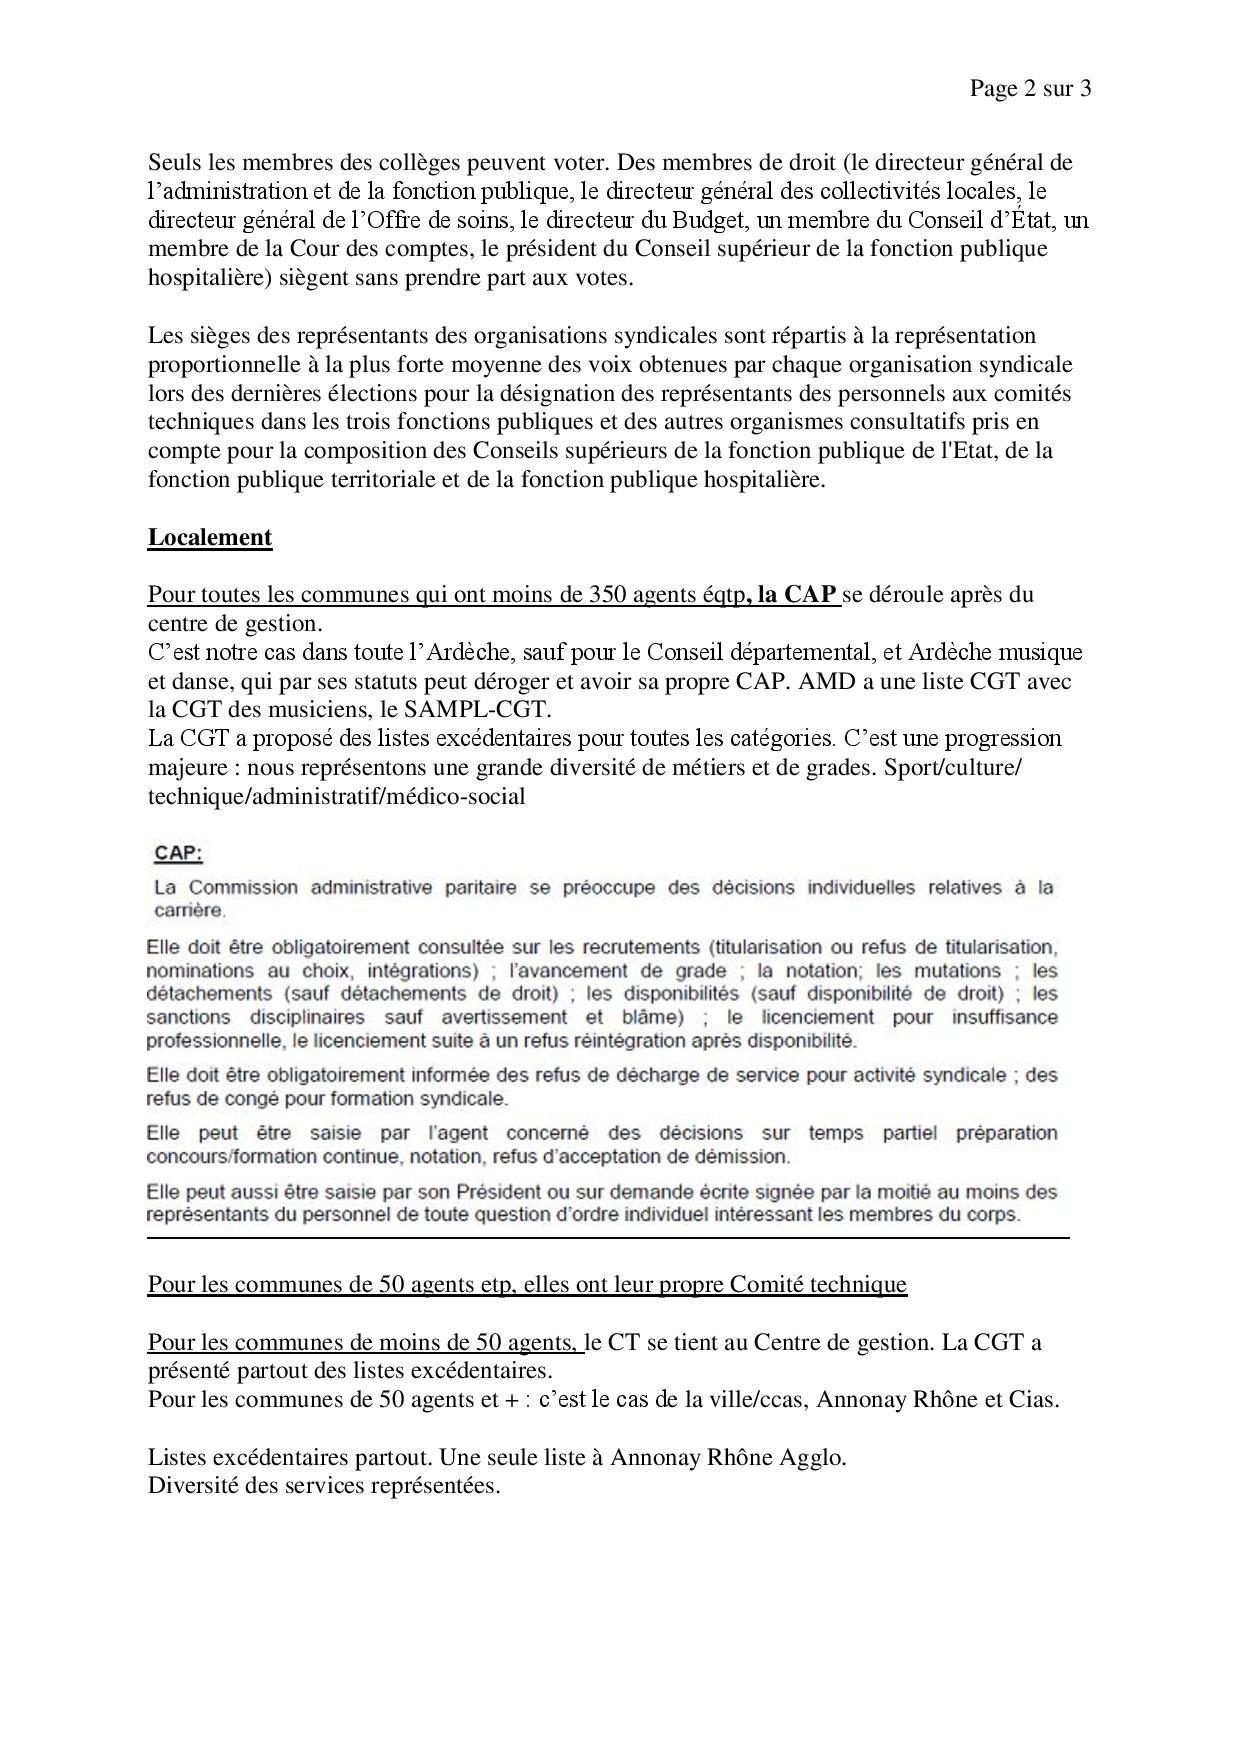 2018 11 26 conference de presse elections professionnelles 2 page 002